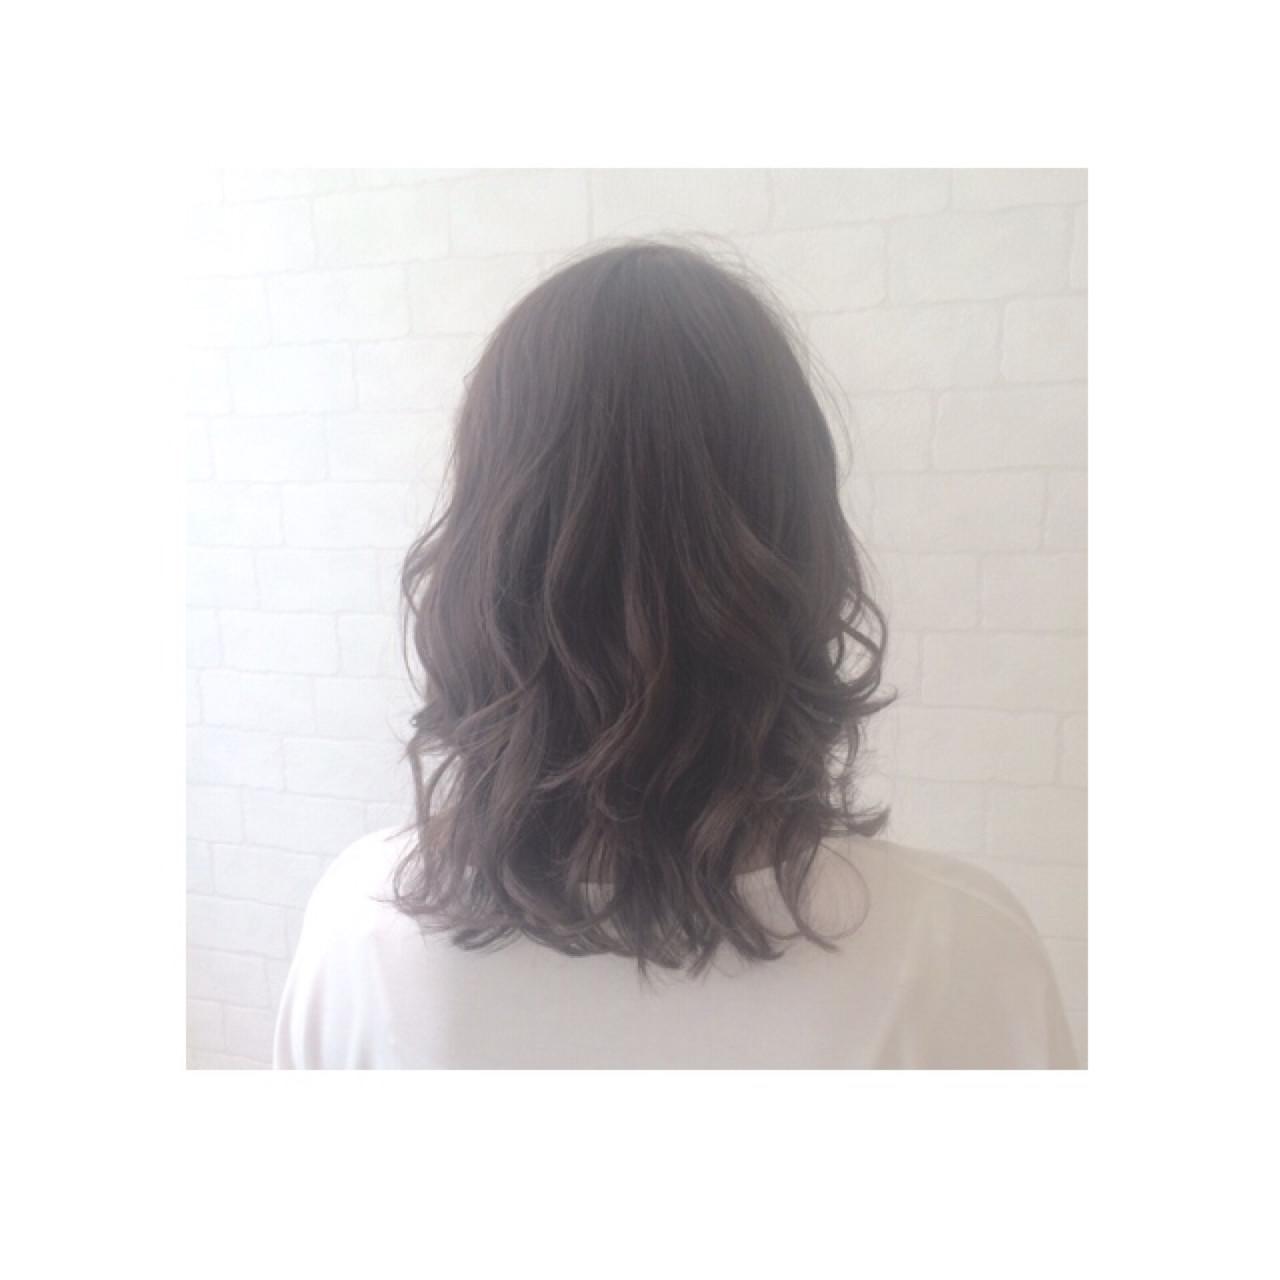 大人かわいい 外国人風 ストリート ミディアム ヘアスタイルや髪型の写真・画像 | AKI / park by merry / park by merry